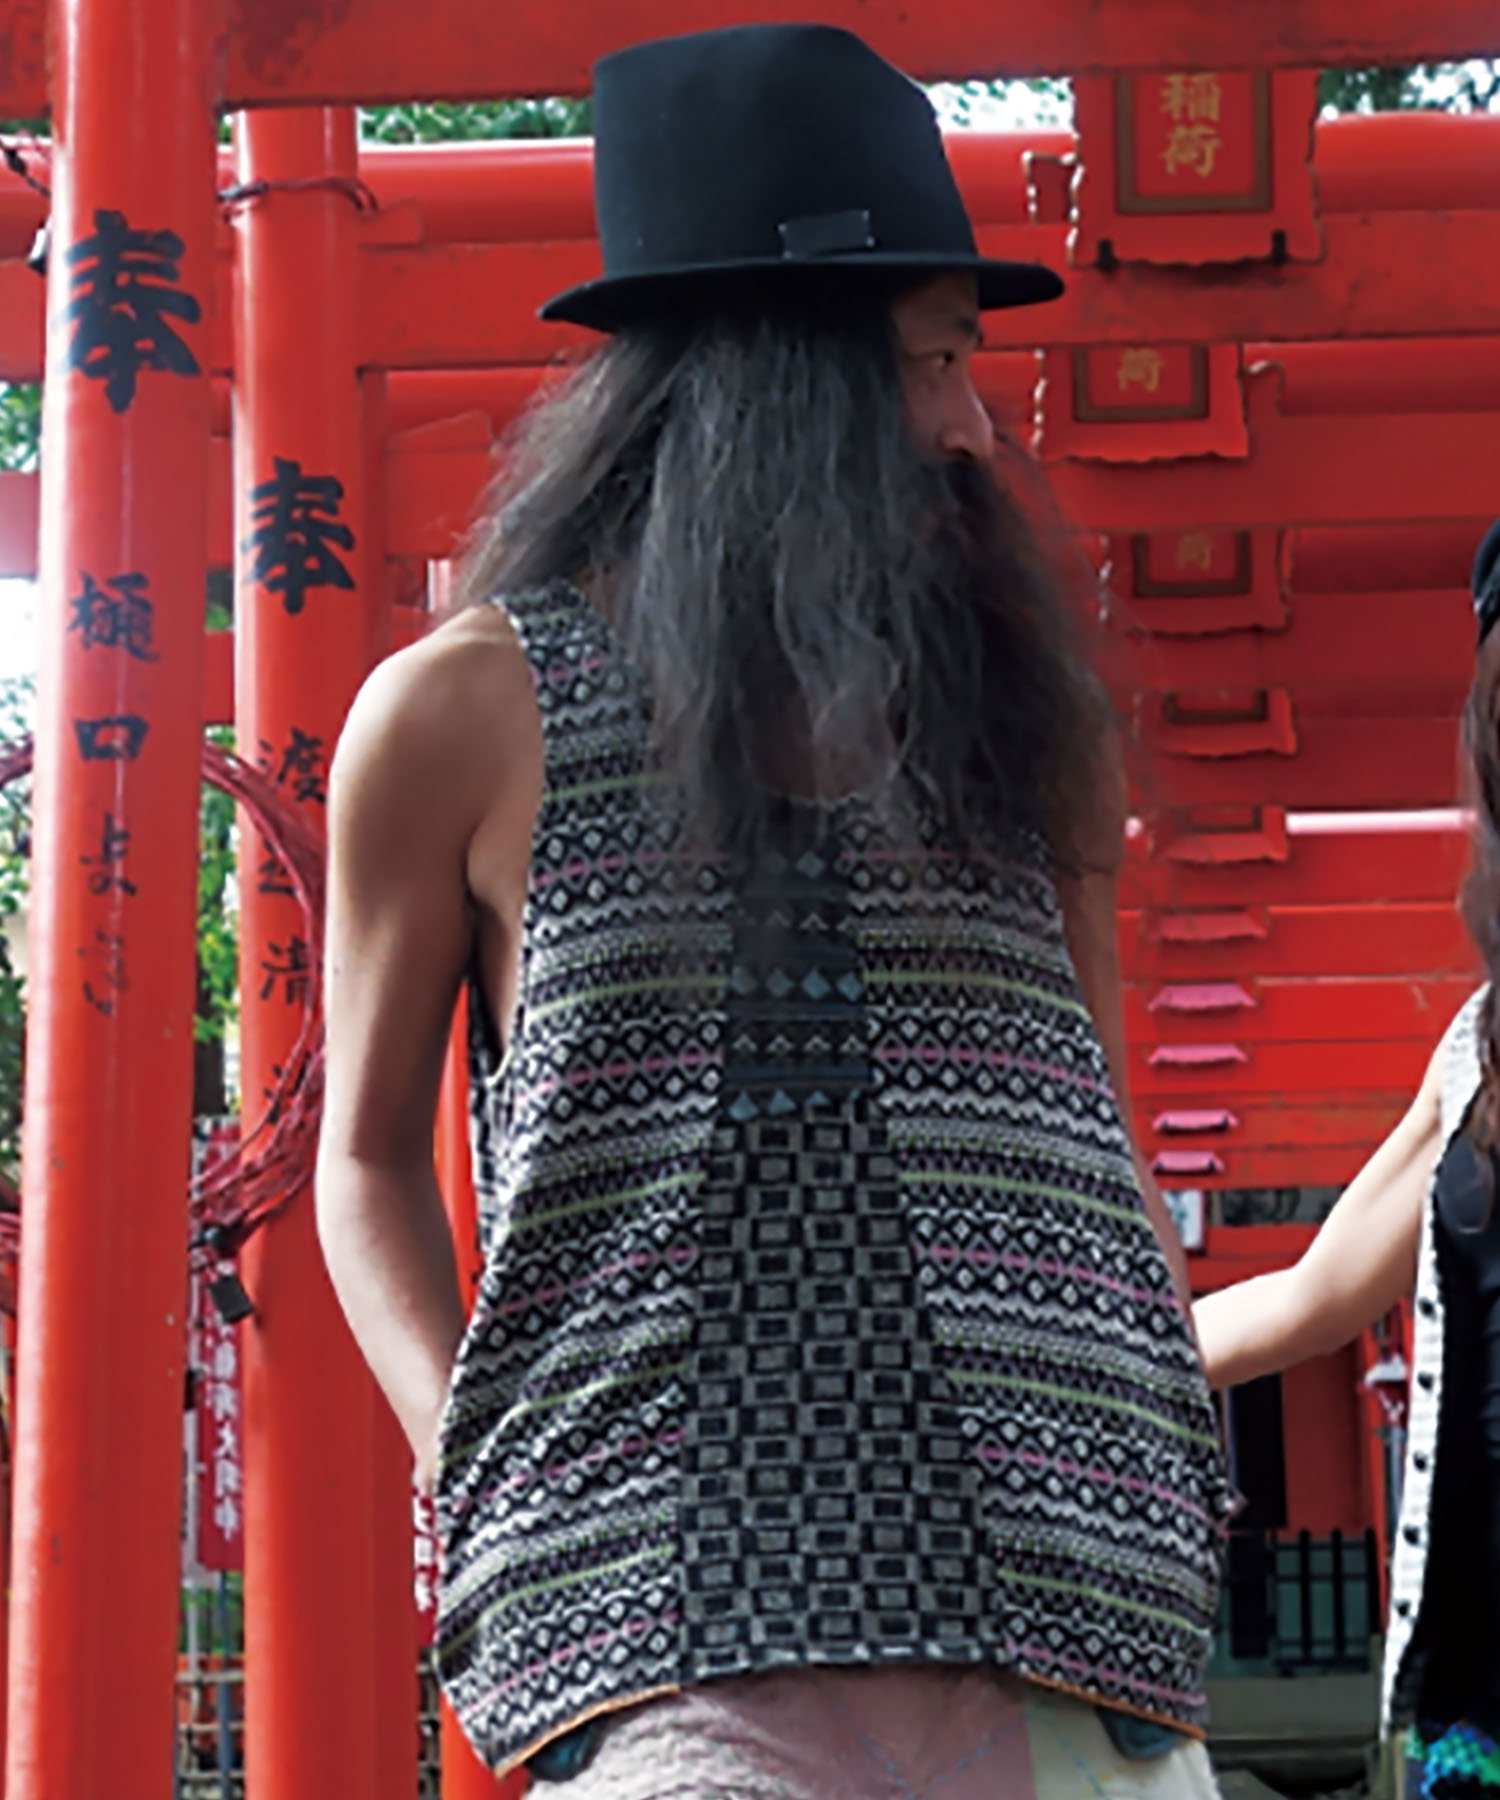 【6周年感謝祭 50%off!】ARIGATO FAKKYU - アリガトファッキュ TANK TOP / MATCHA GREEN / PINK